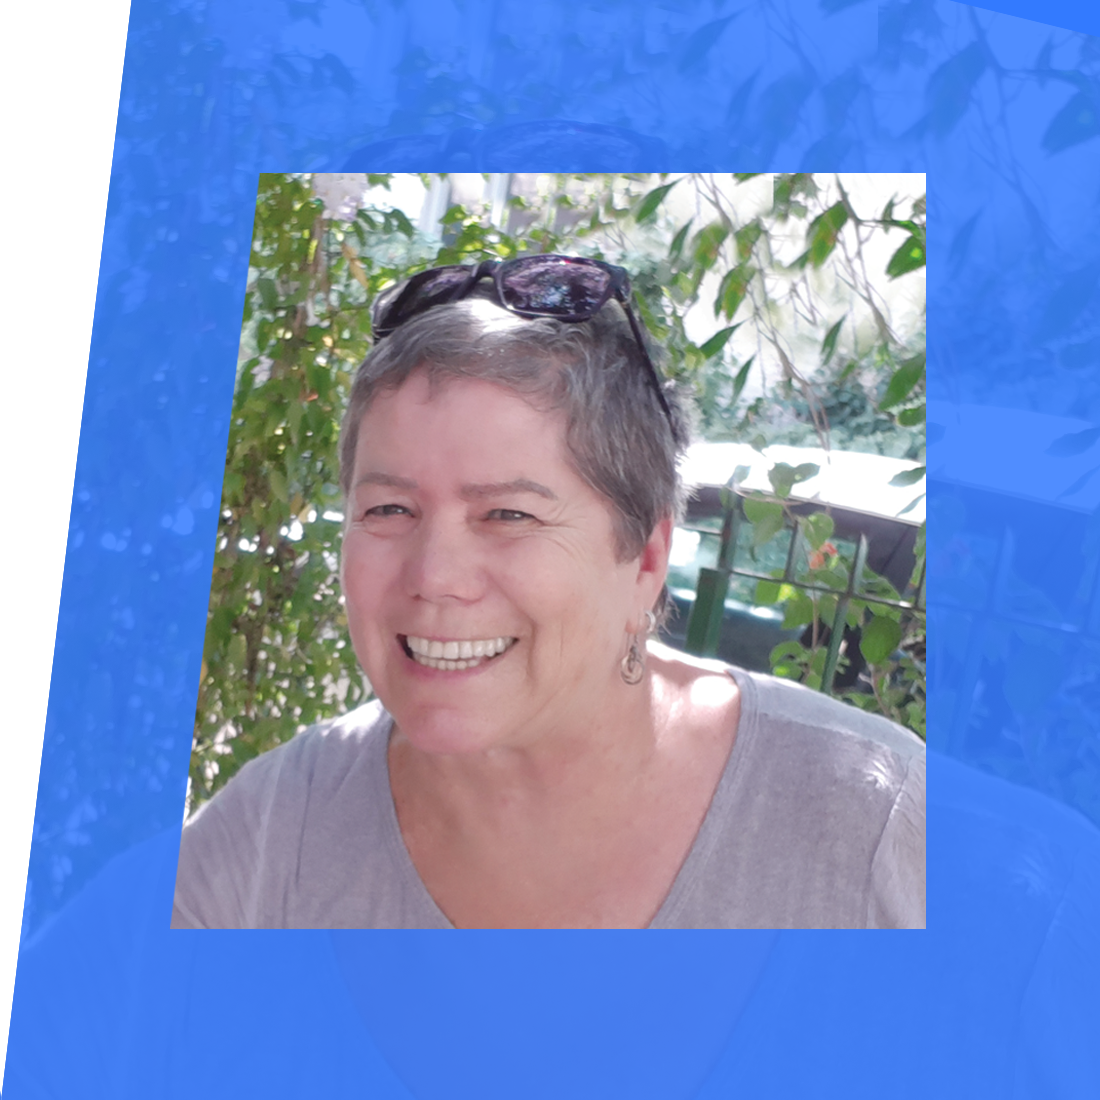 אודות מאירה דהן | מאירה דהן מאמנת אישית קואצ'רית מירושלים